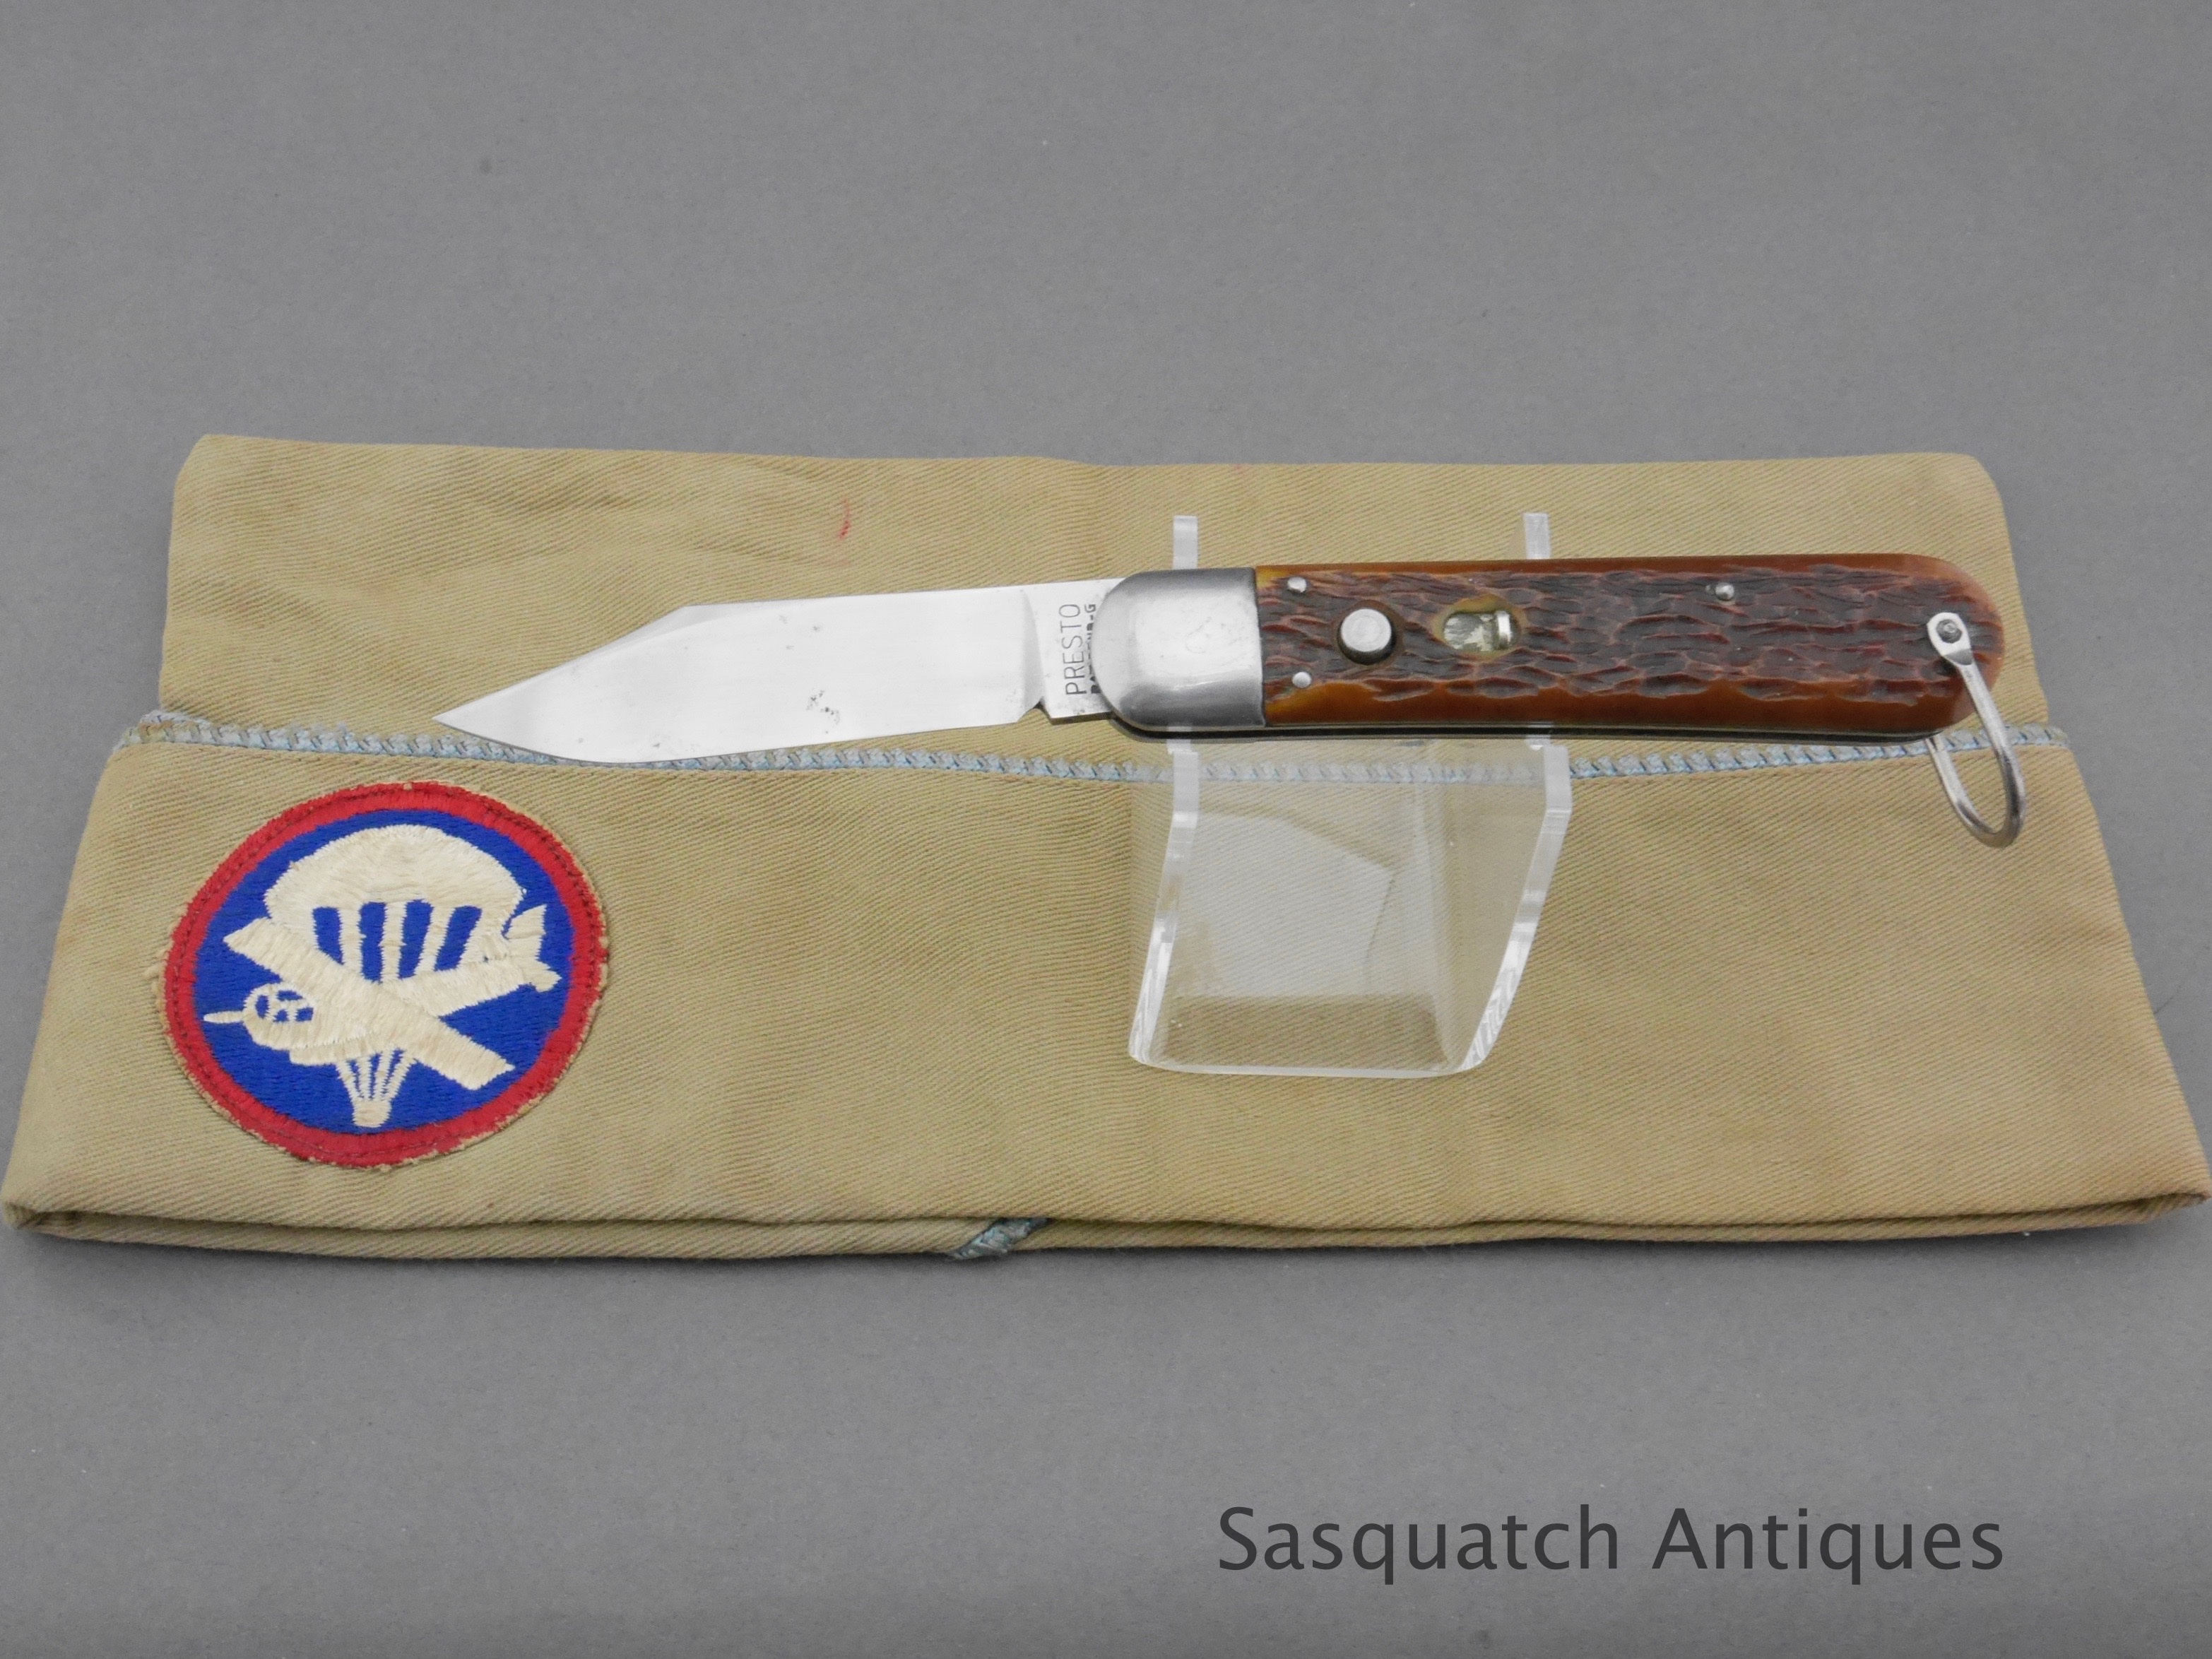 Wwii paratrooper schrade presto m pocket knife